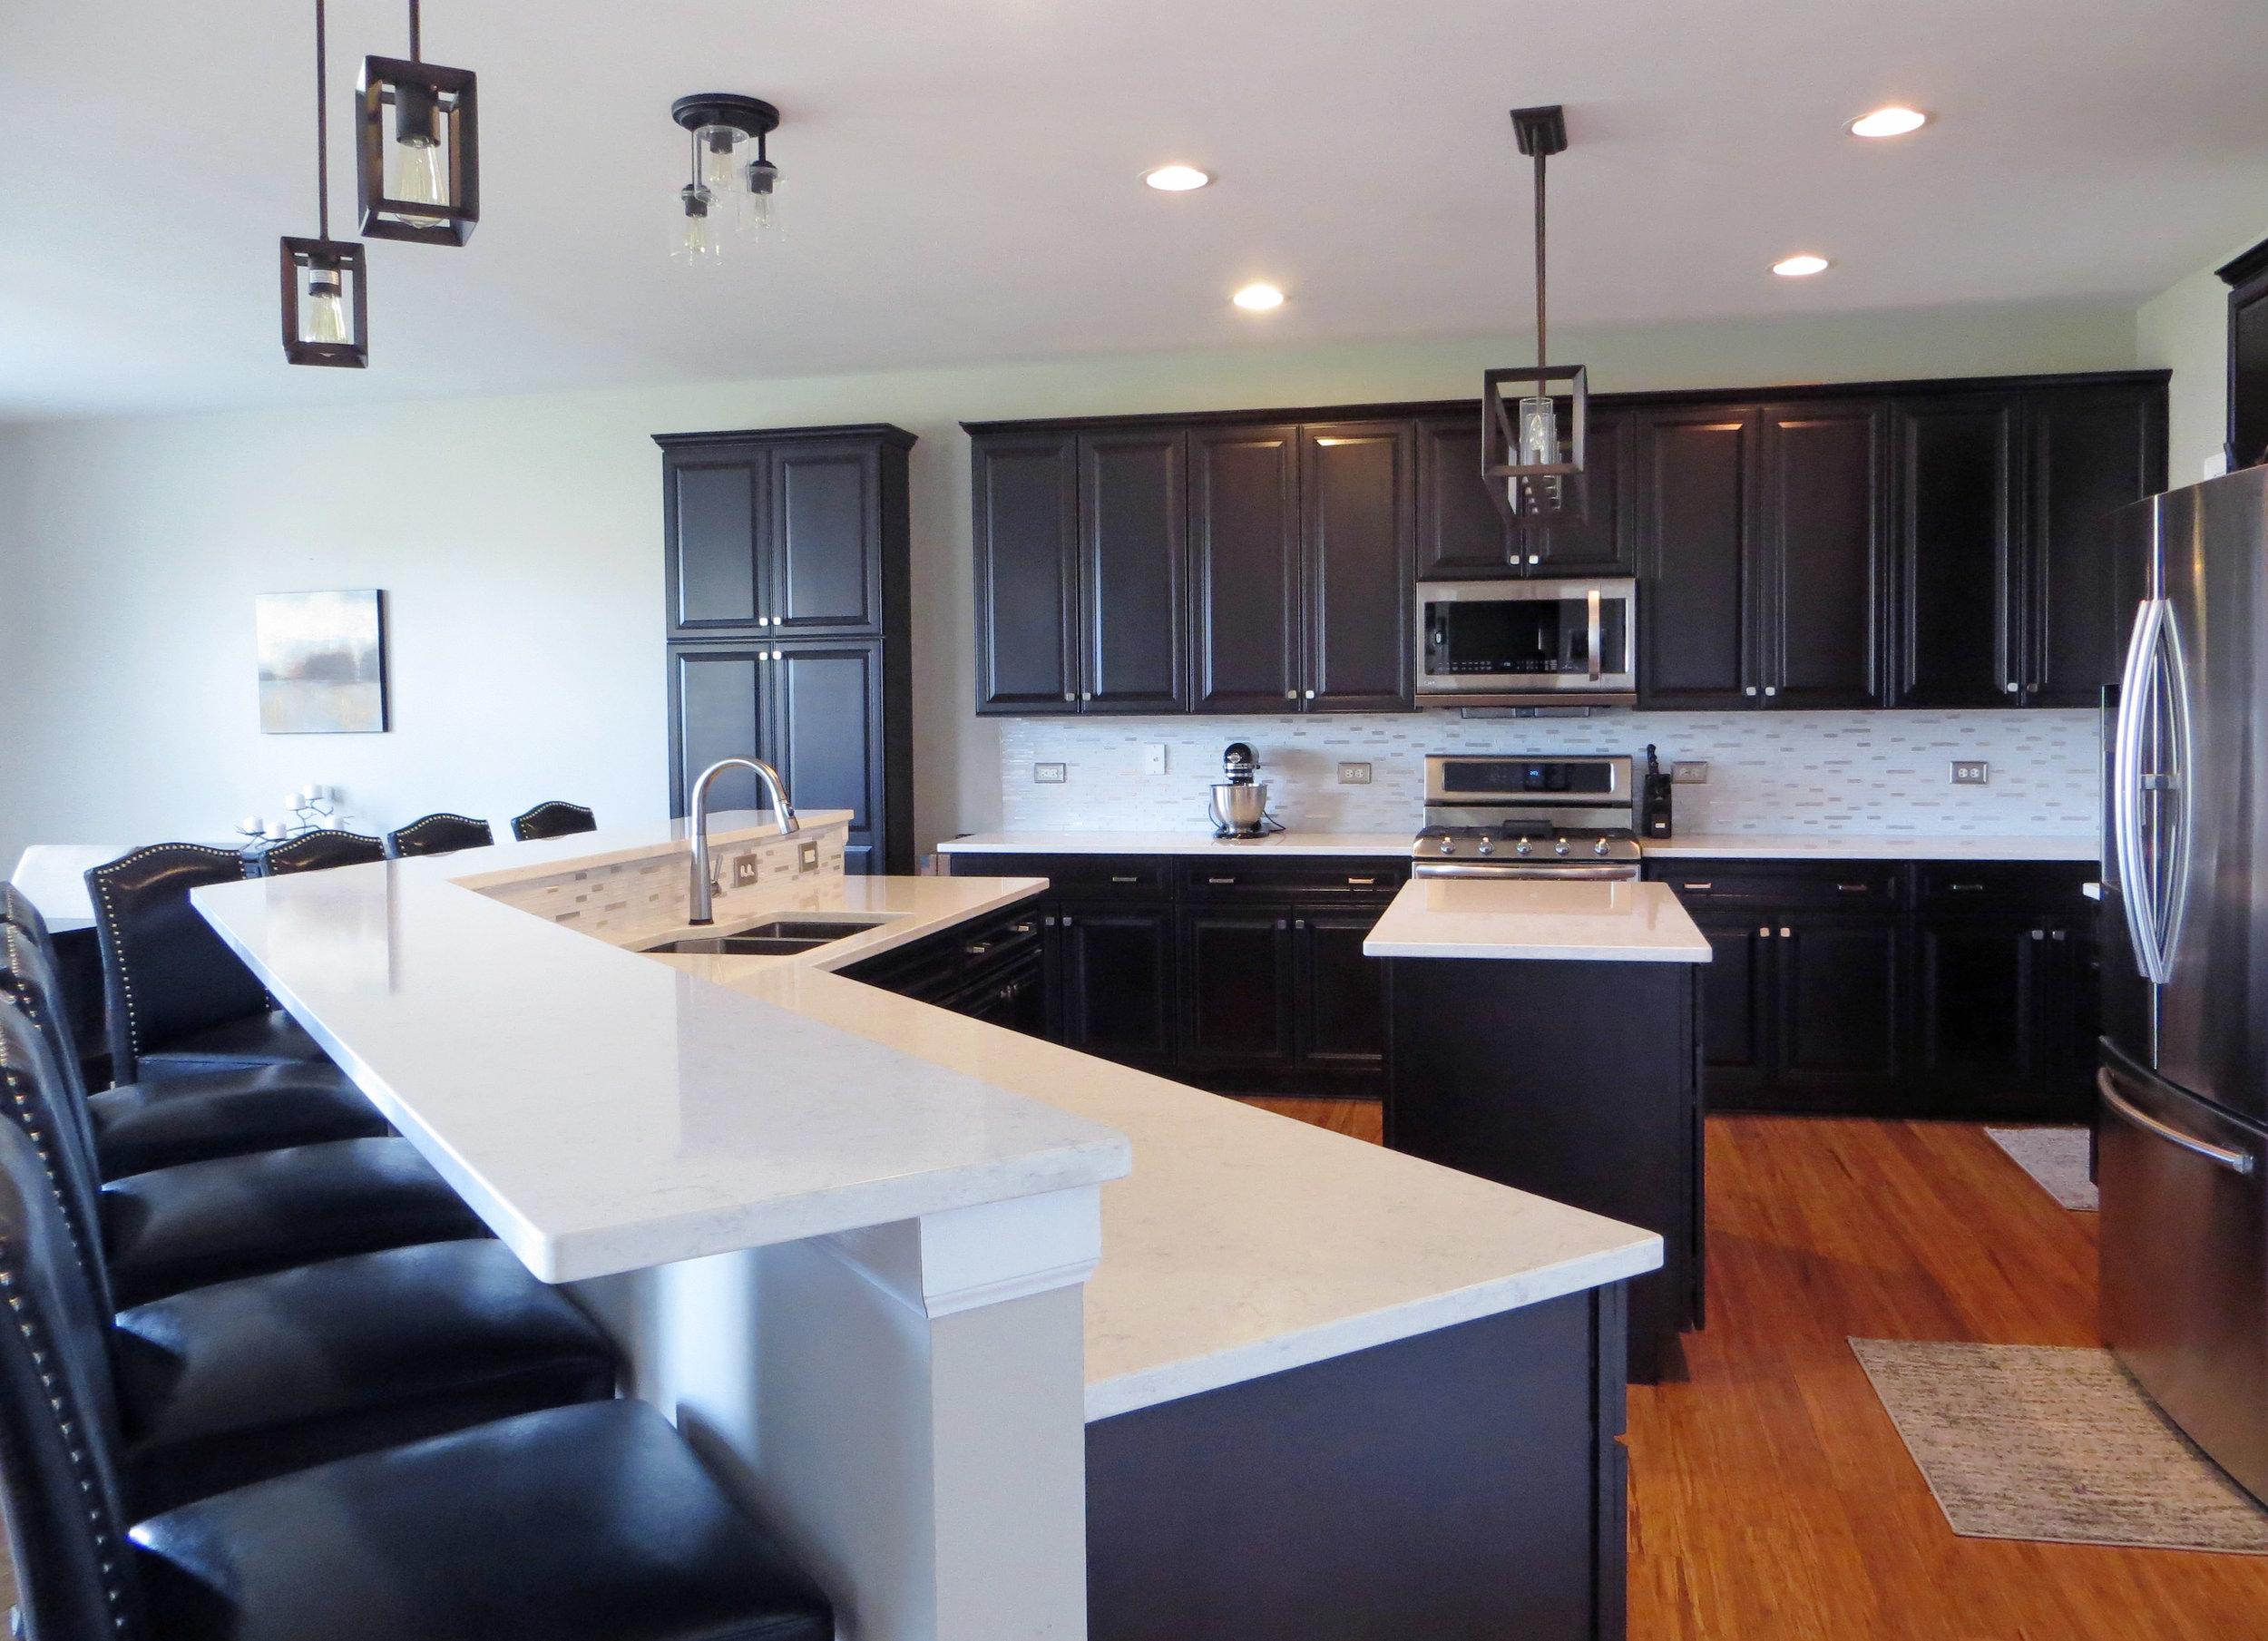 kitchen after wide.jpg